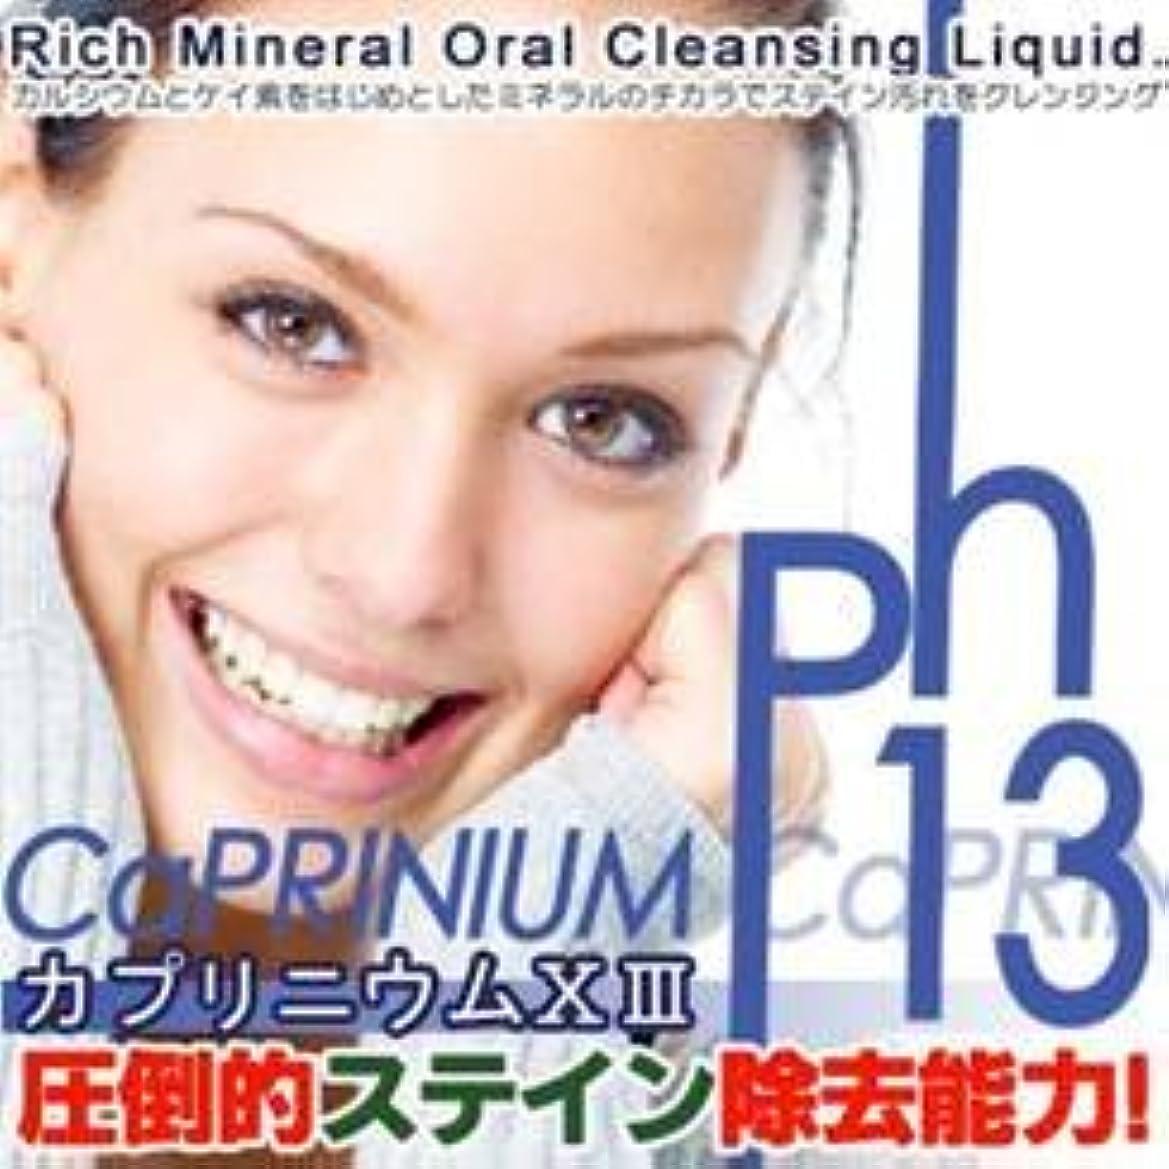 葉っぱ比率寄付するカプリニウムサーティーンジェル1個入(10日分) 電動歯ブラシ対応歯磨きジェル